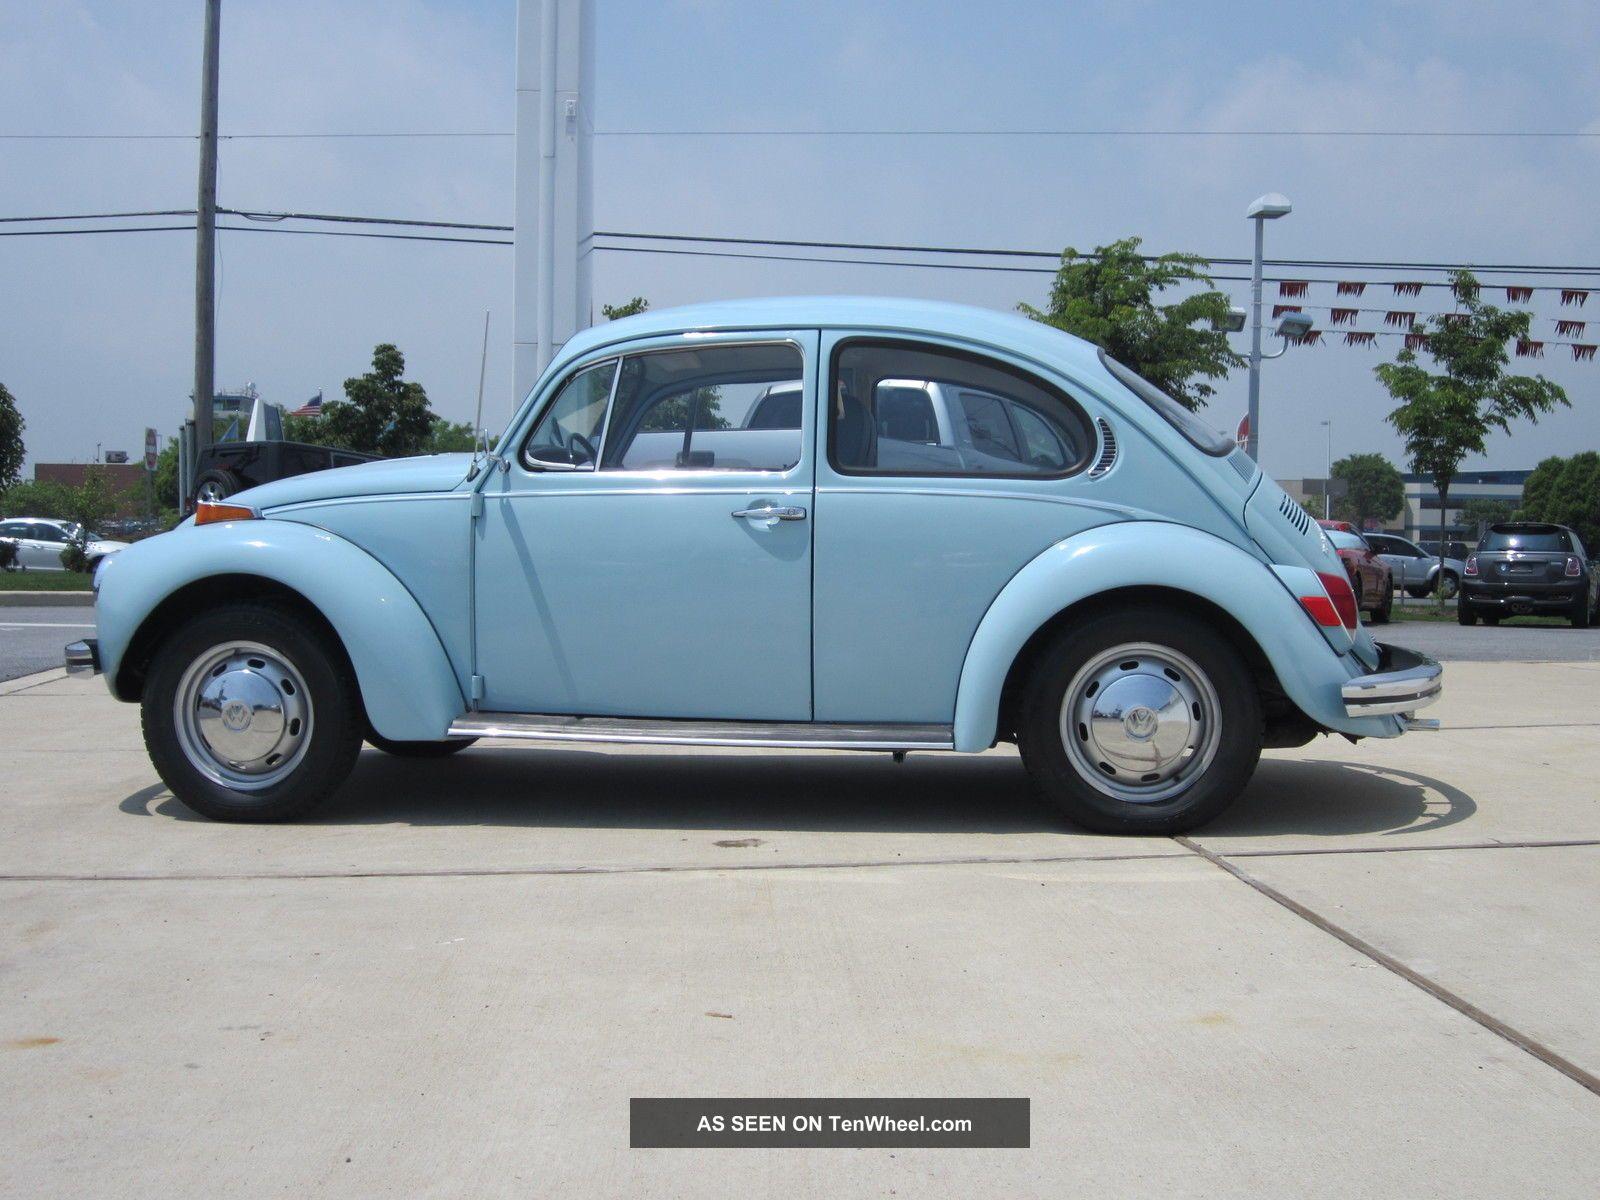 & Solid 1972 Beetle Beetle - Classic photo